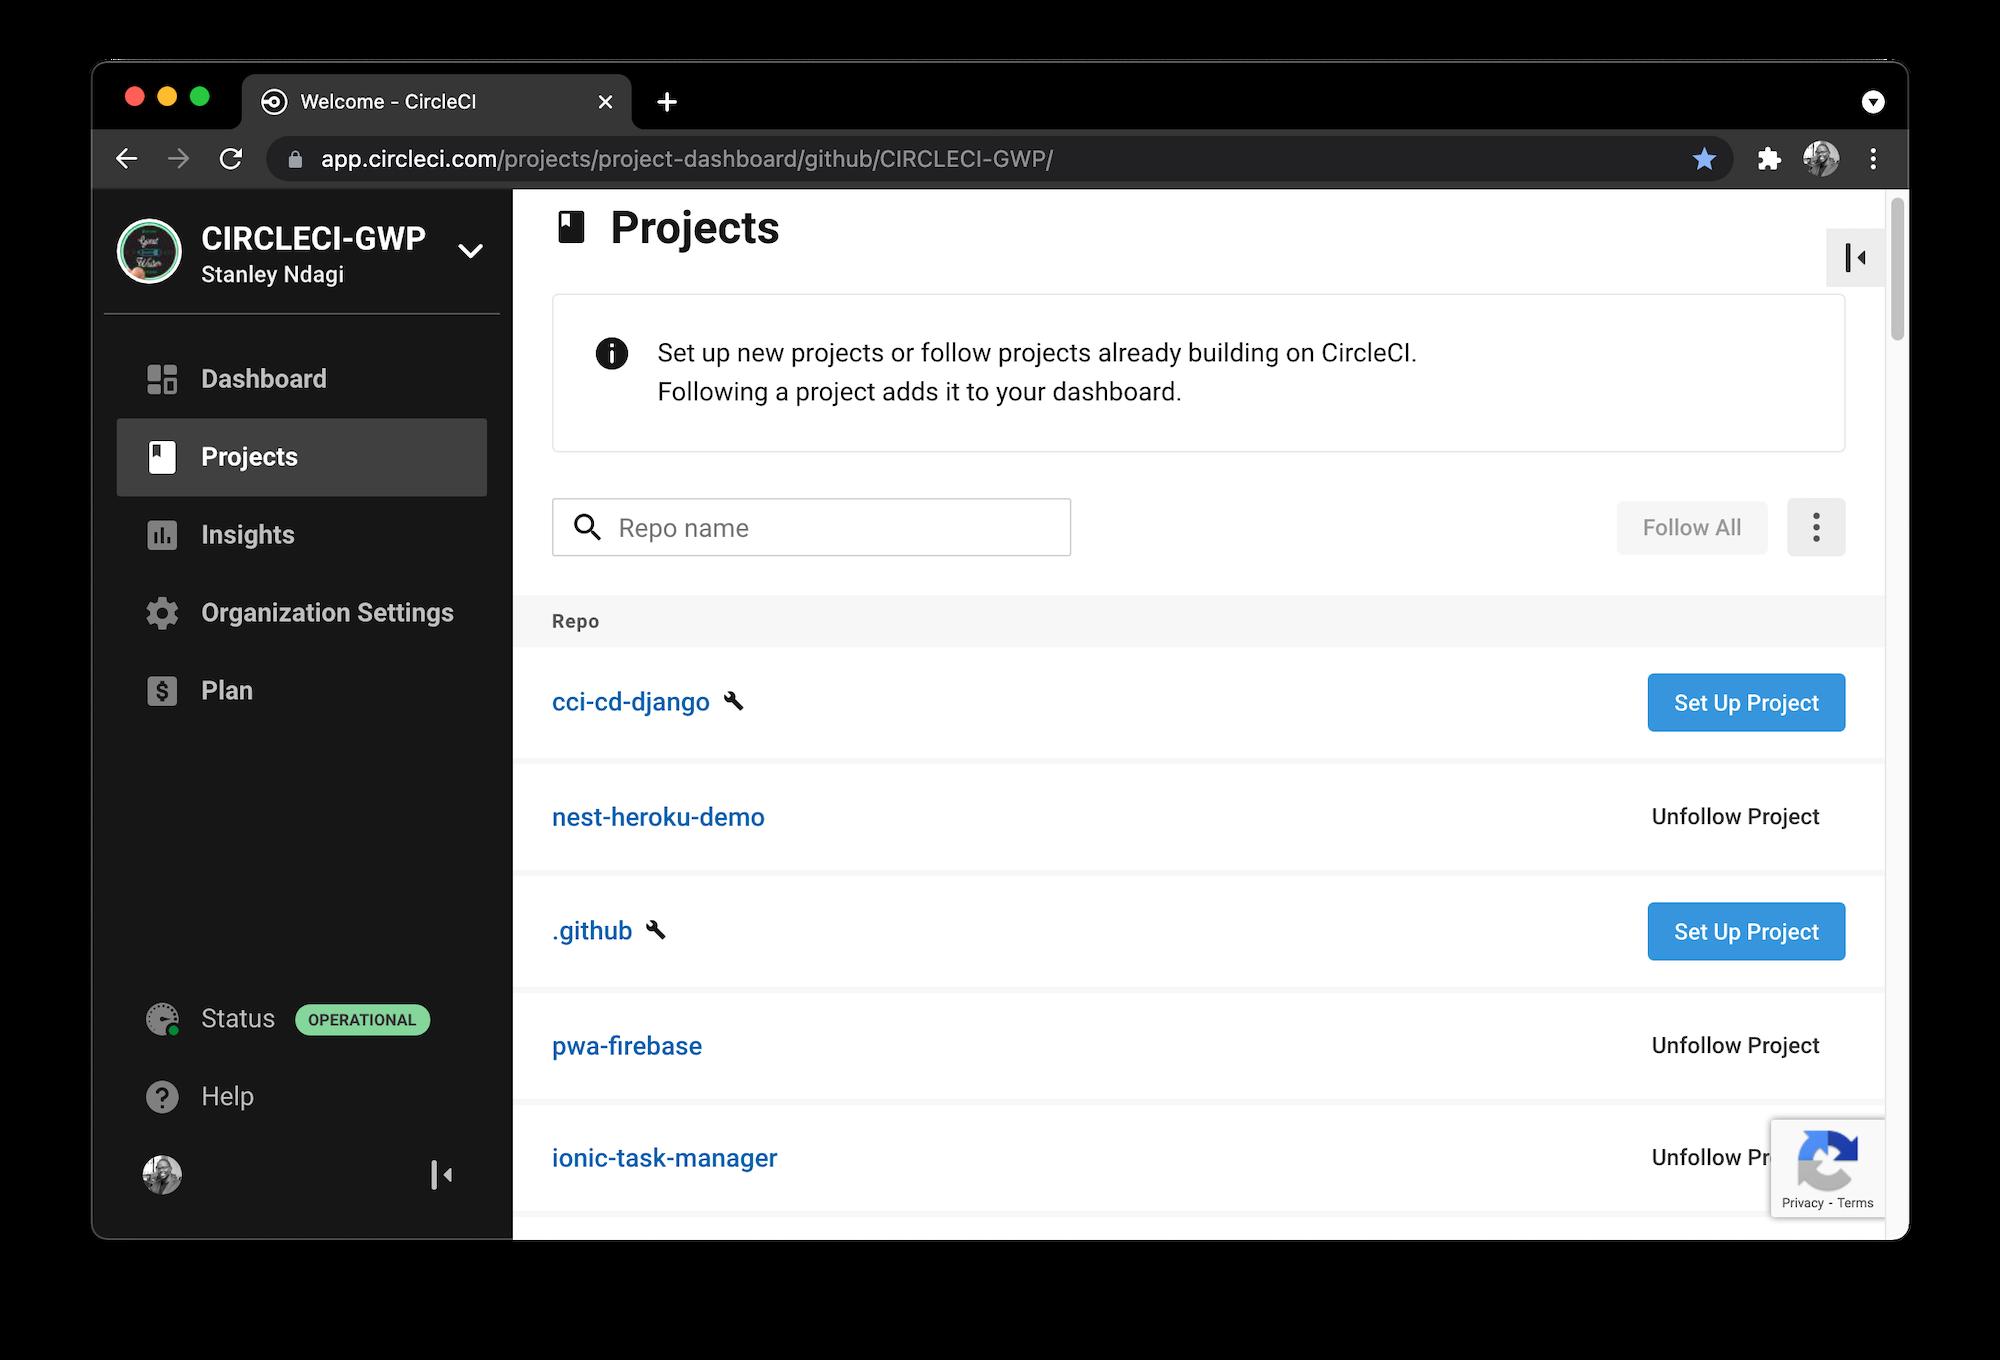 Add Project - CircleCI